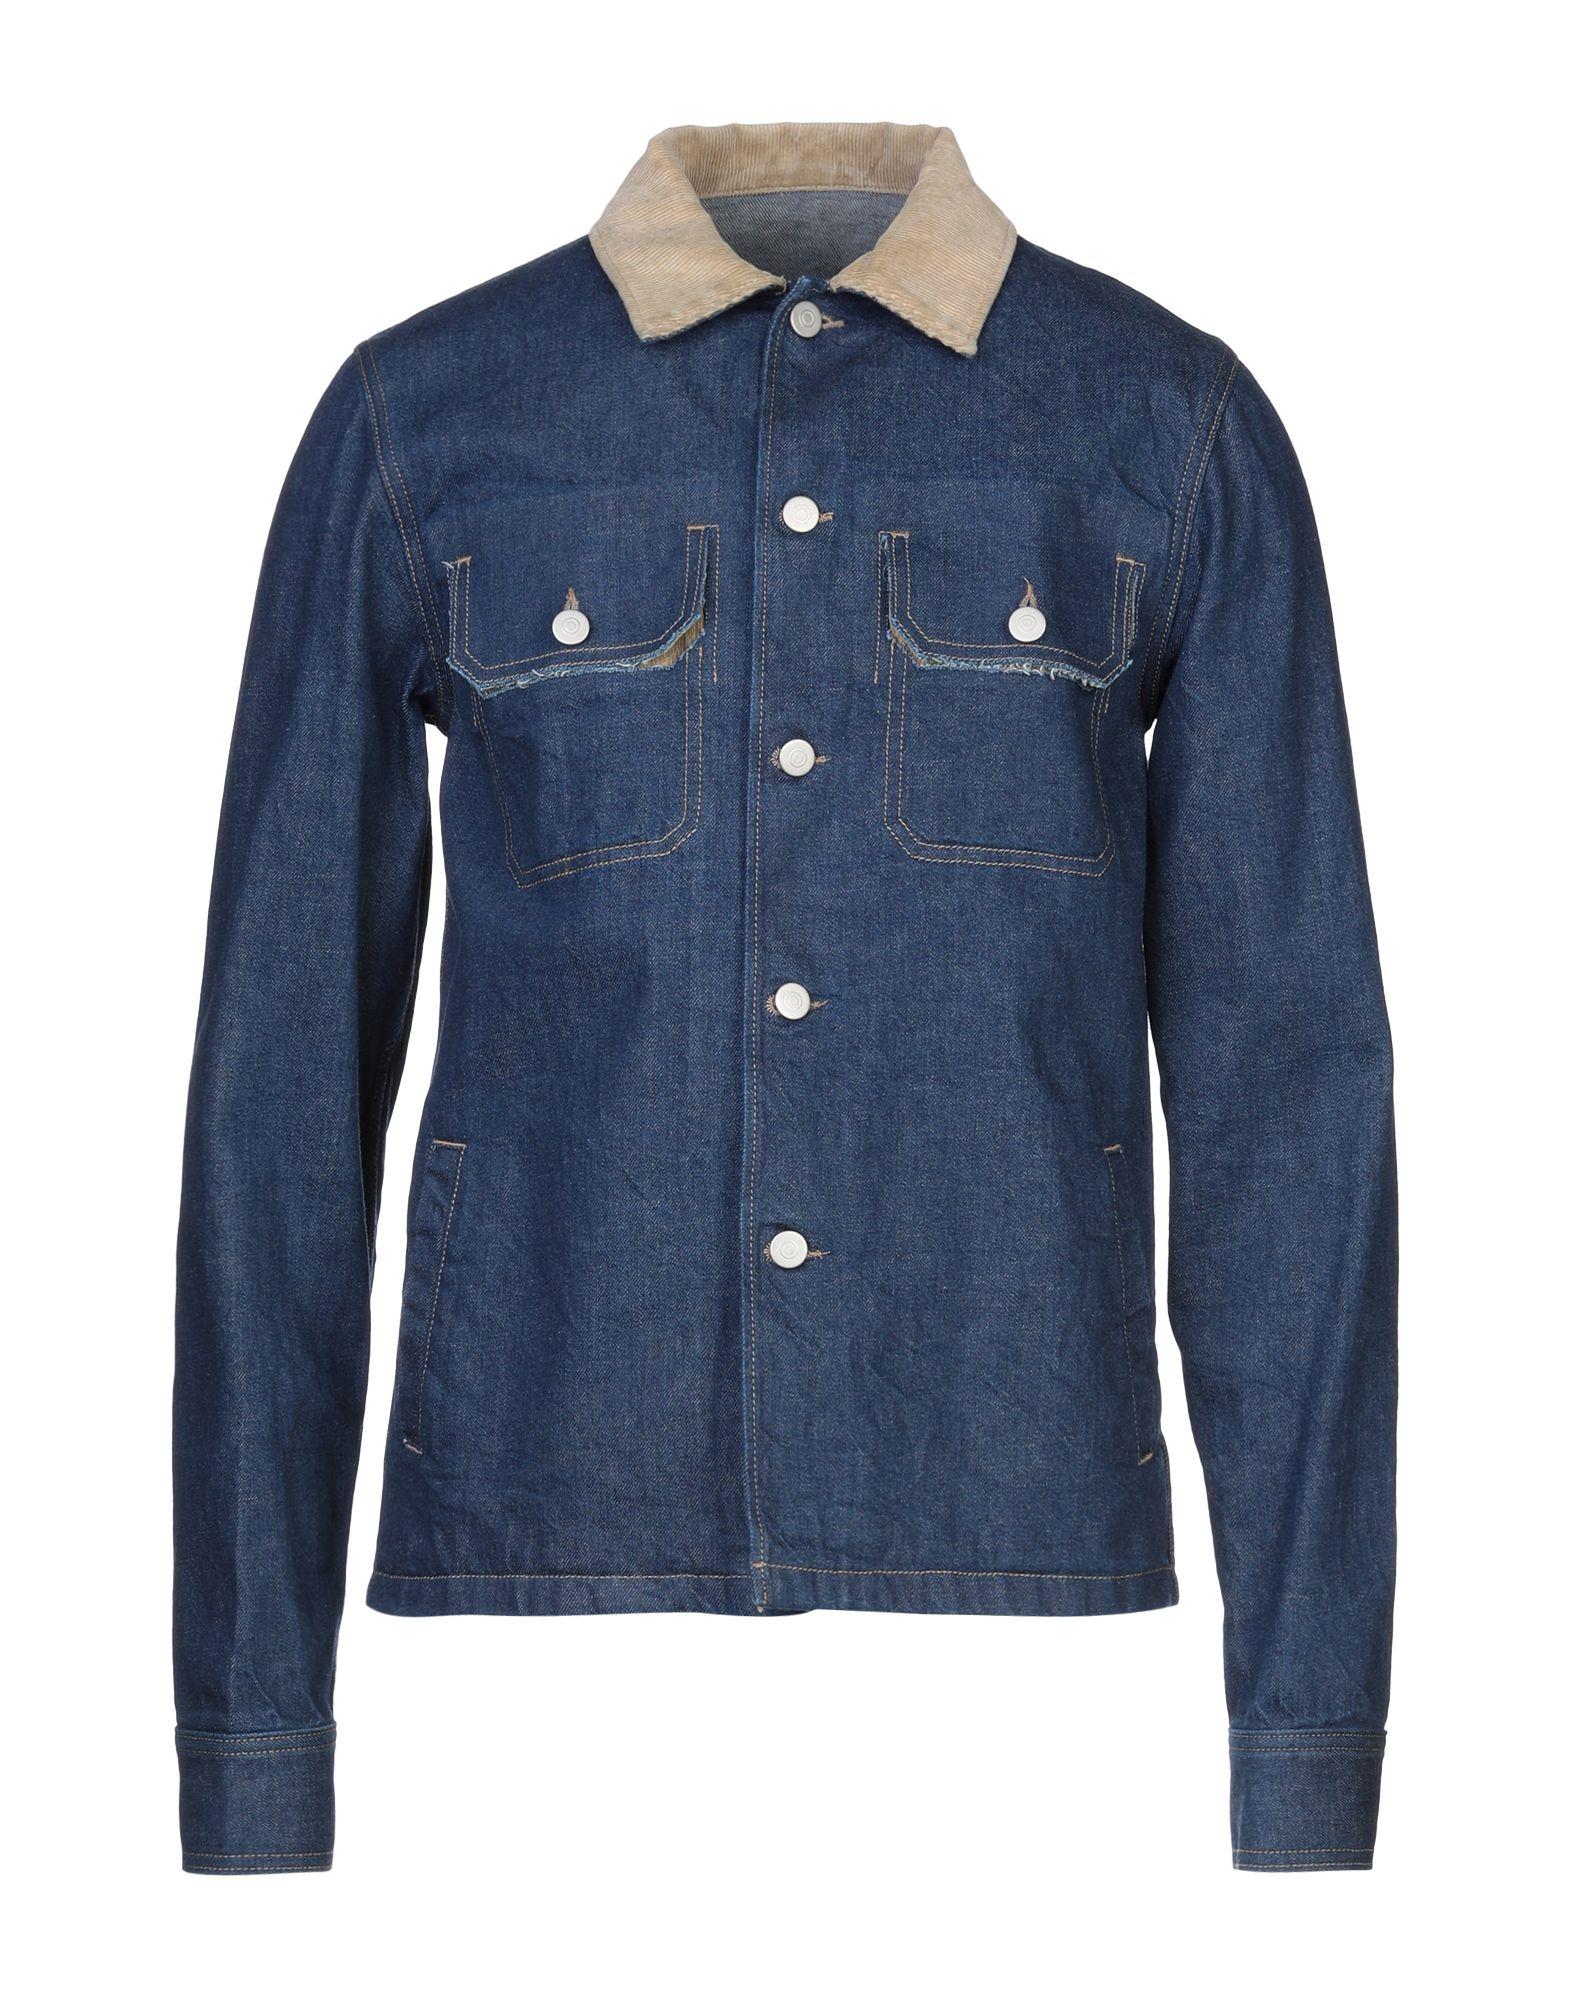 MAISON MARGIELA Джинсовая верхняя одежда maison g o c o джинсовая верхняя одежда